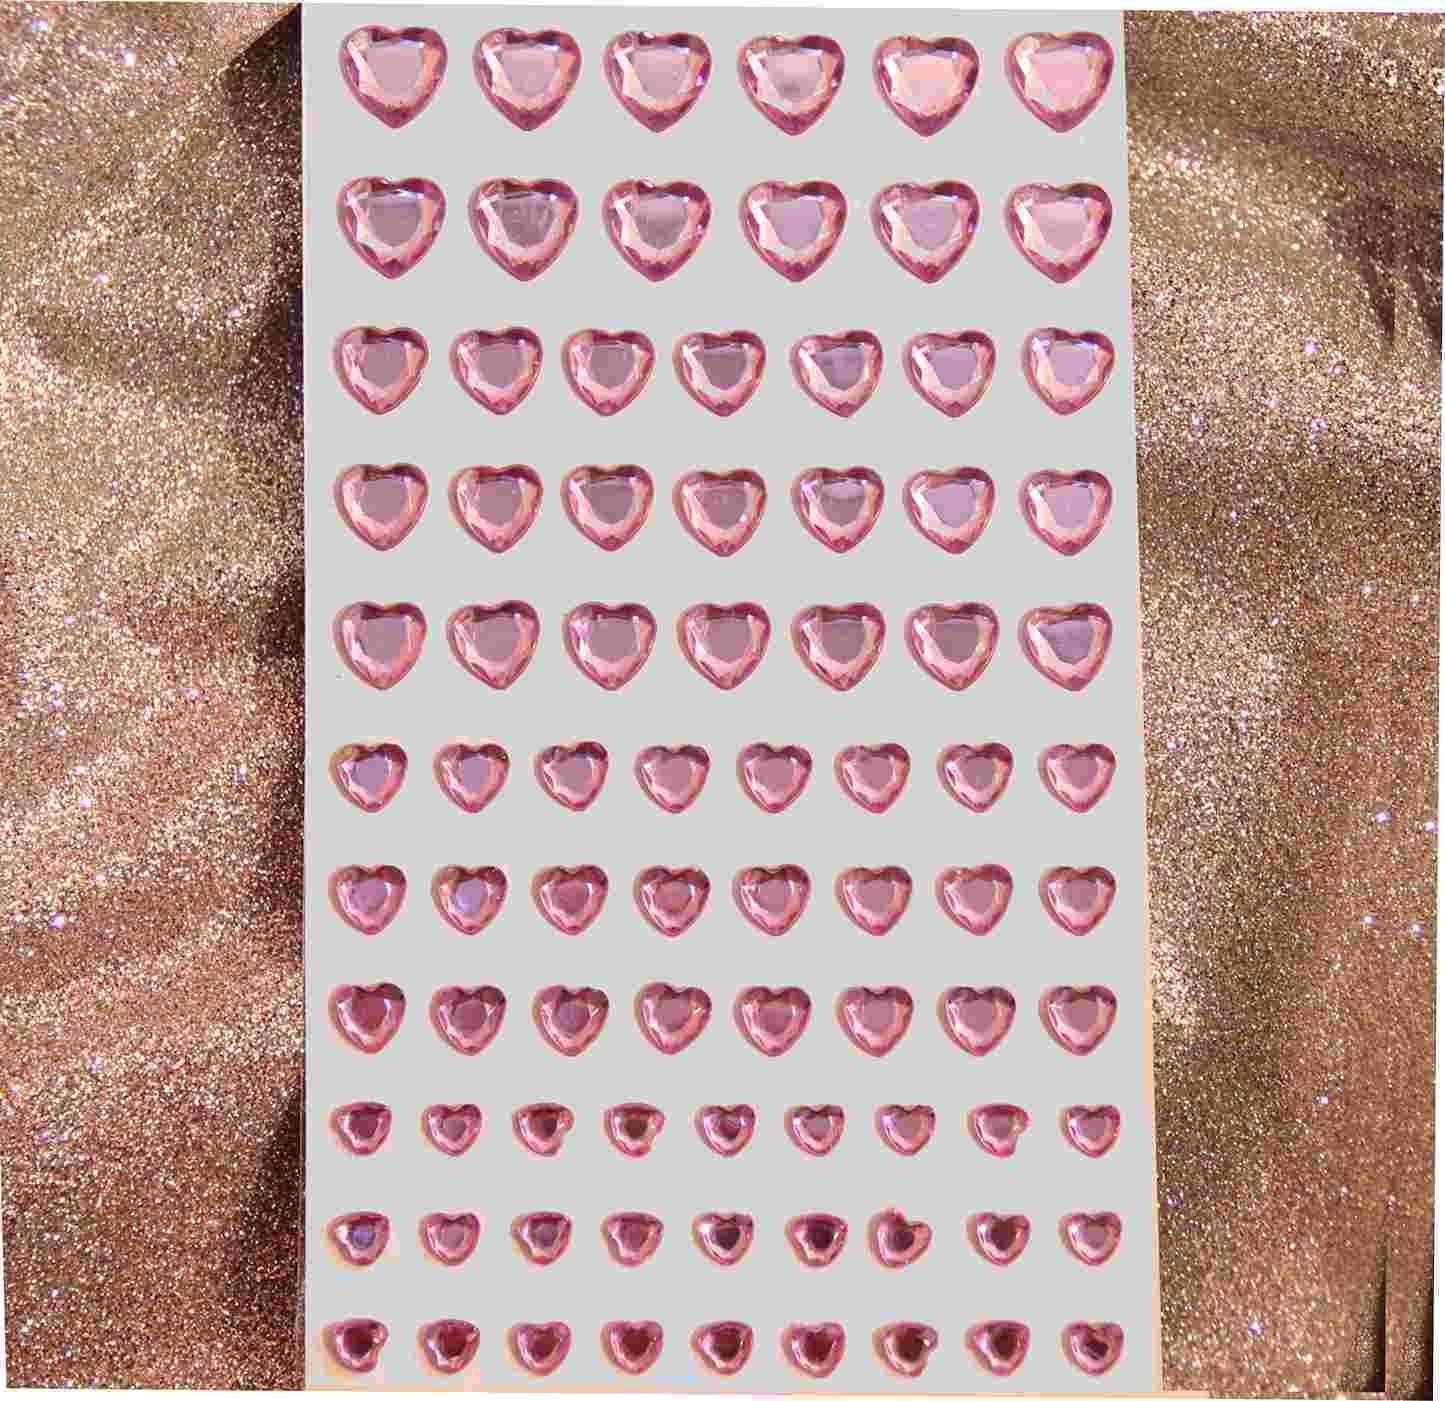 84 strass adhésif cristal rose